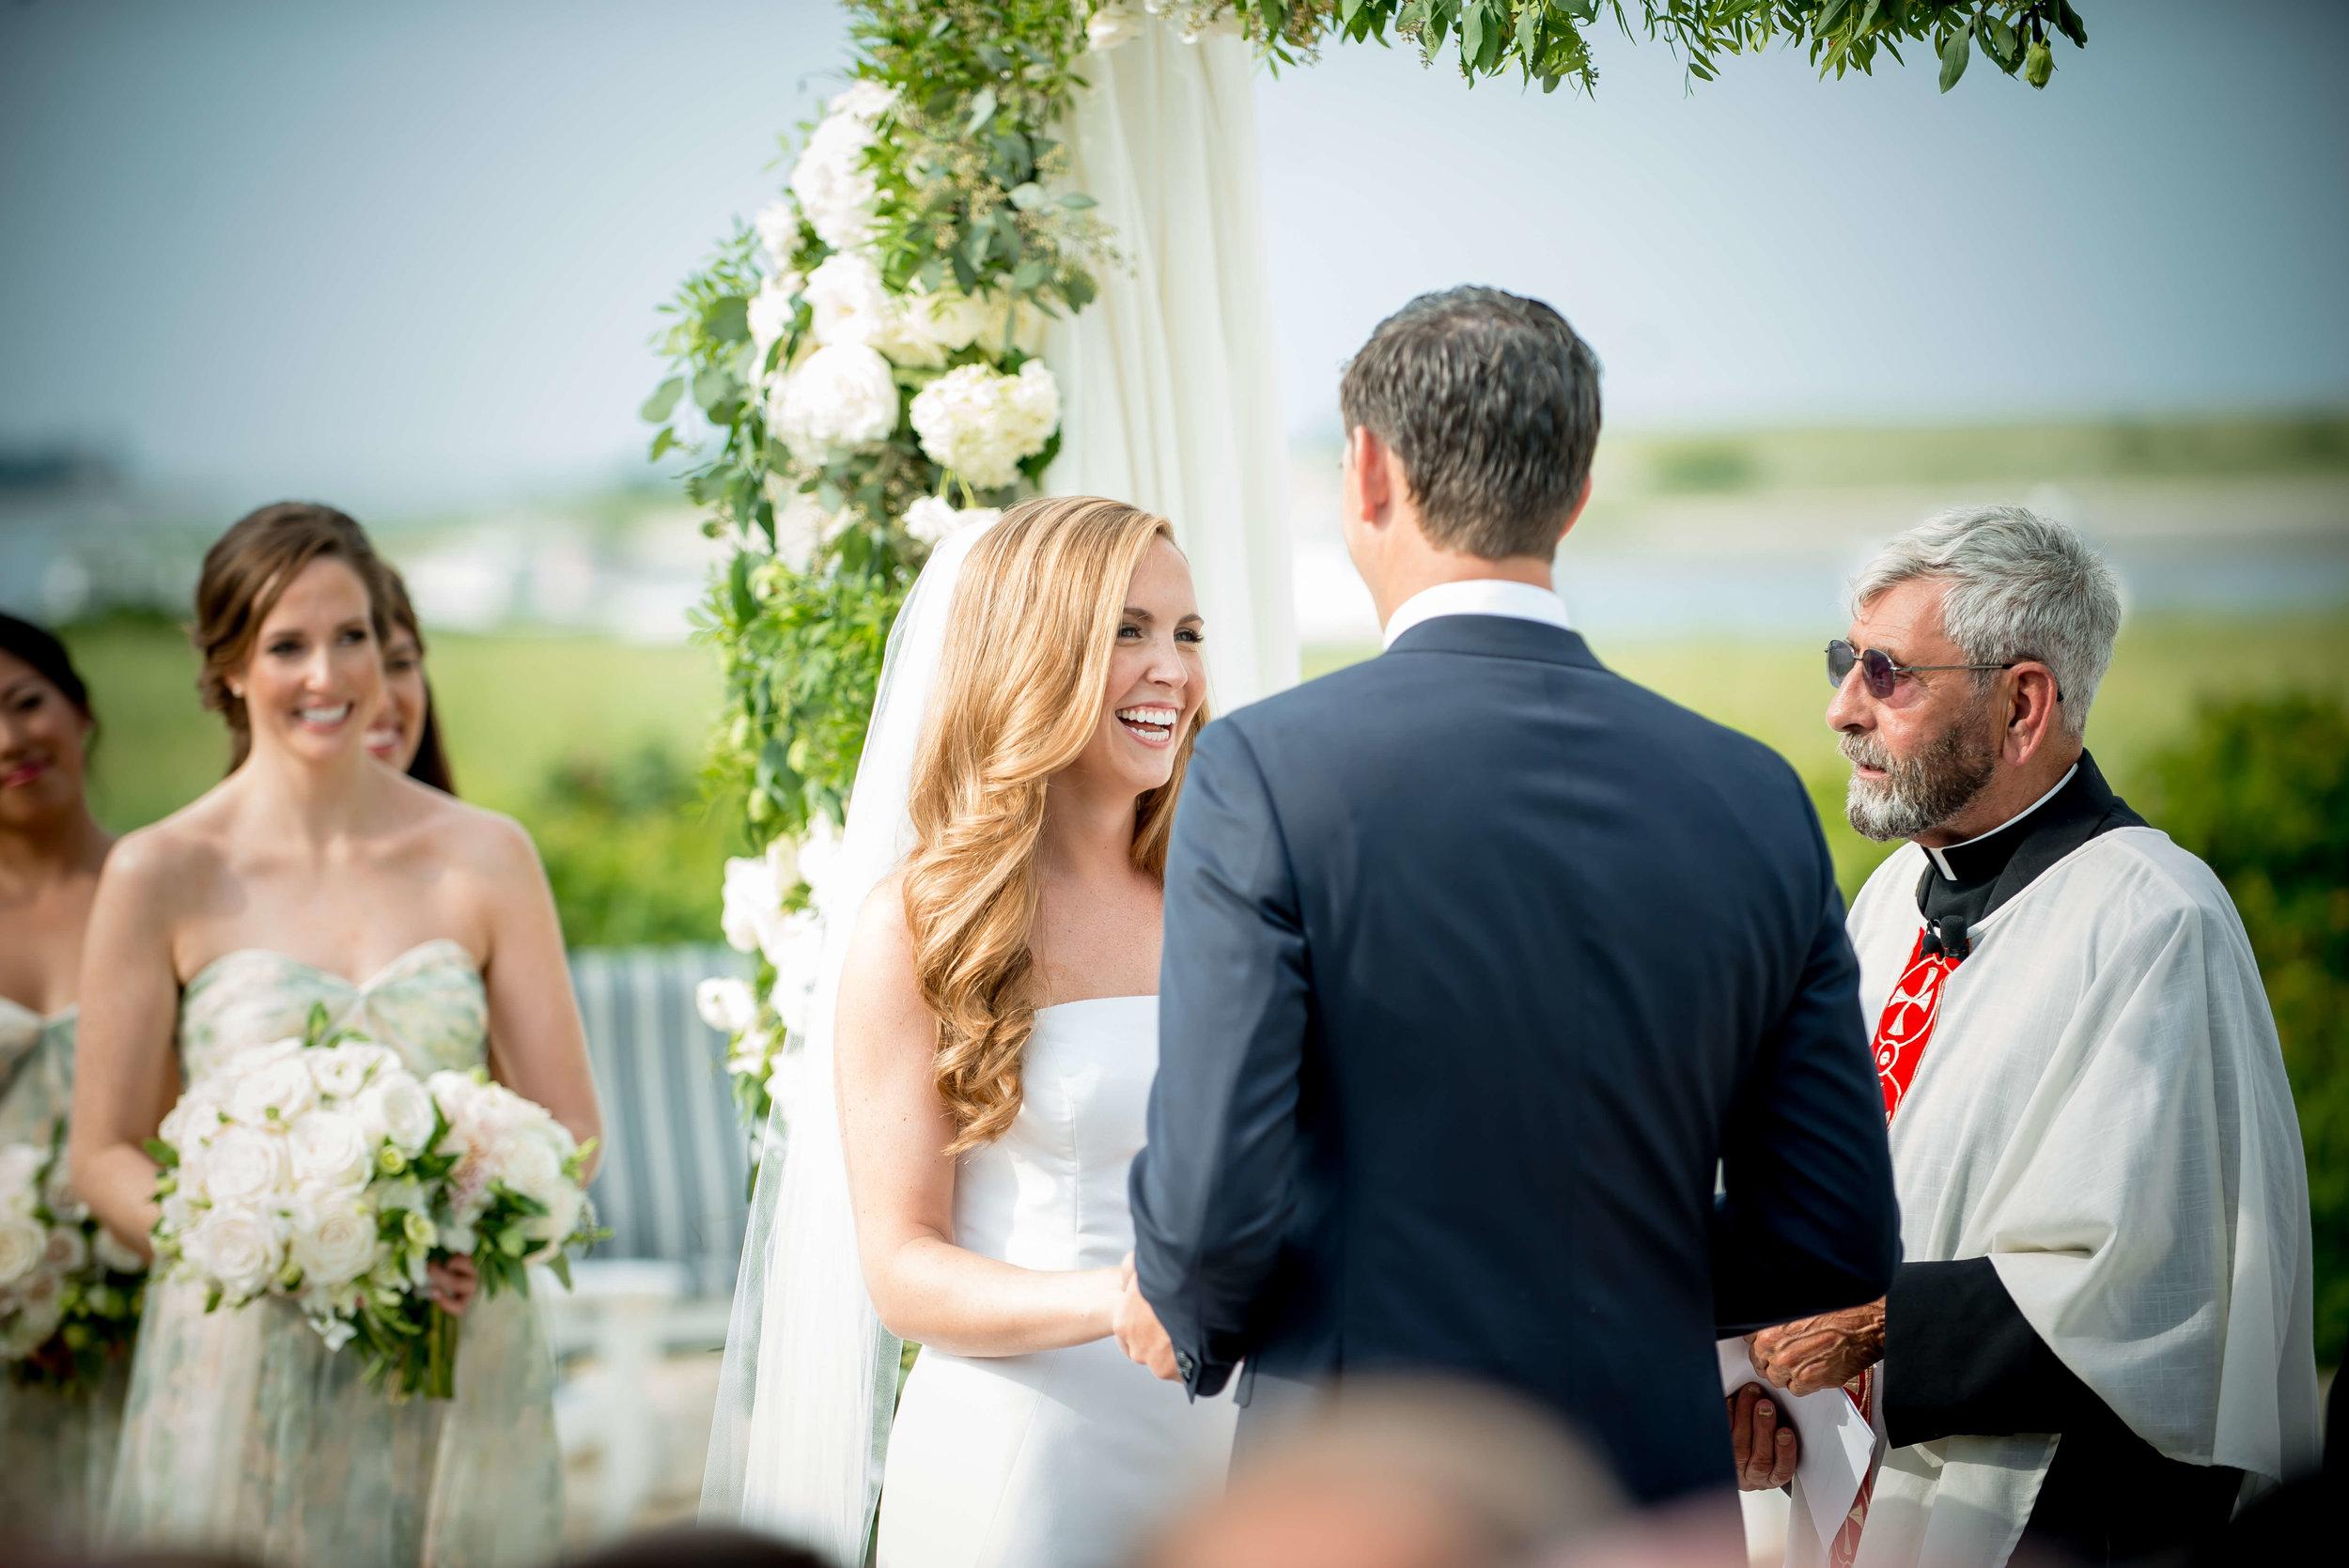 snickenberger-wedding-356.JPG